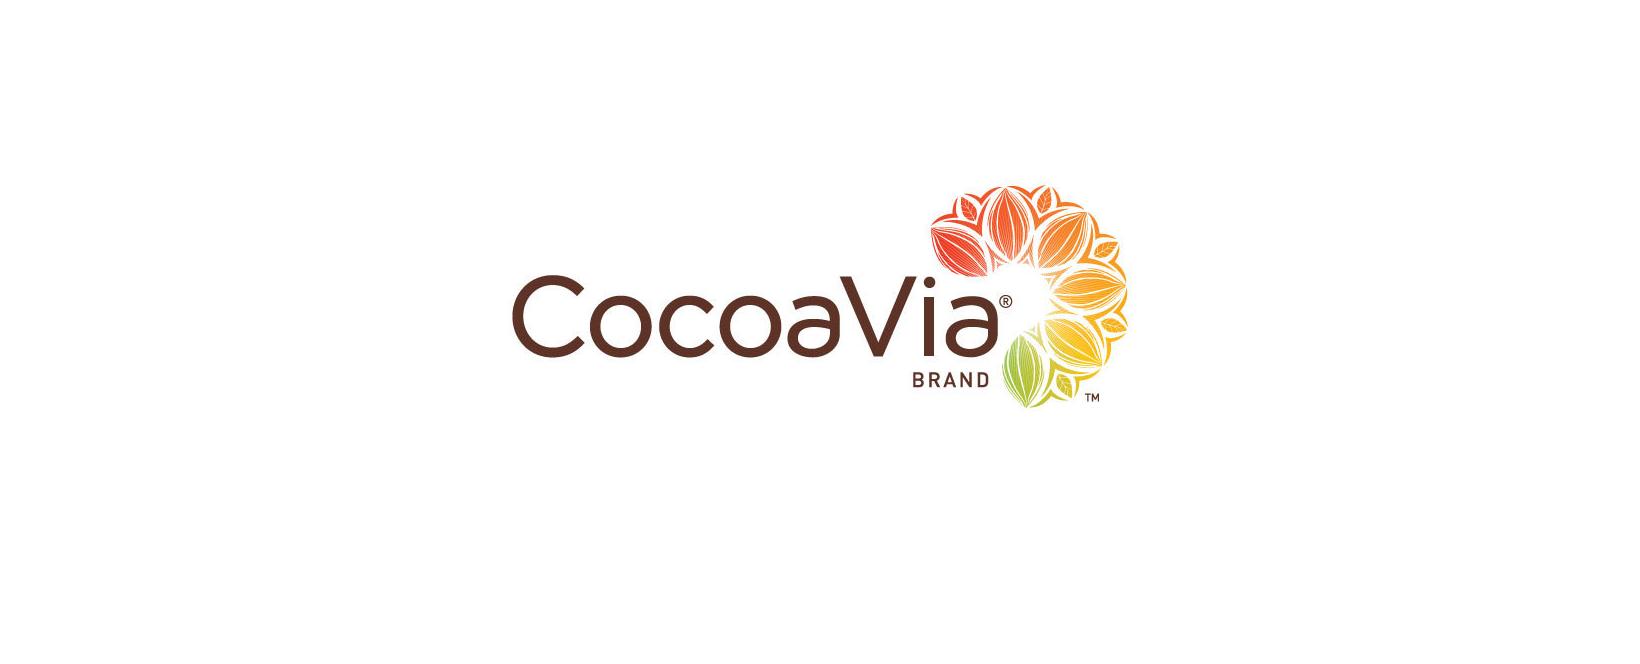 CocoaVia Discount Code 2021